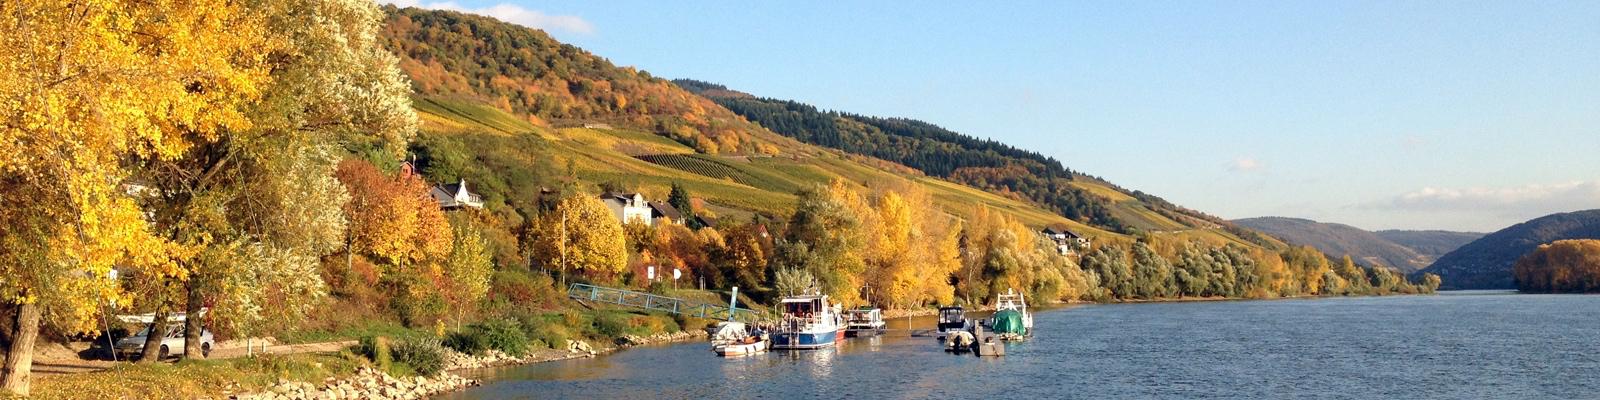 Lorch am Rhein, Richtung Südost